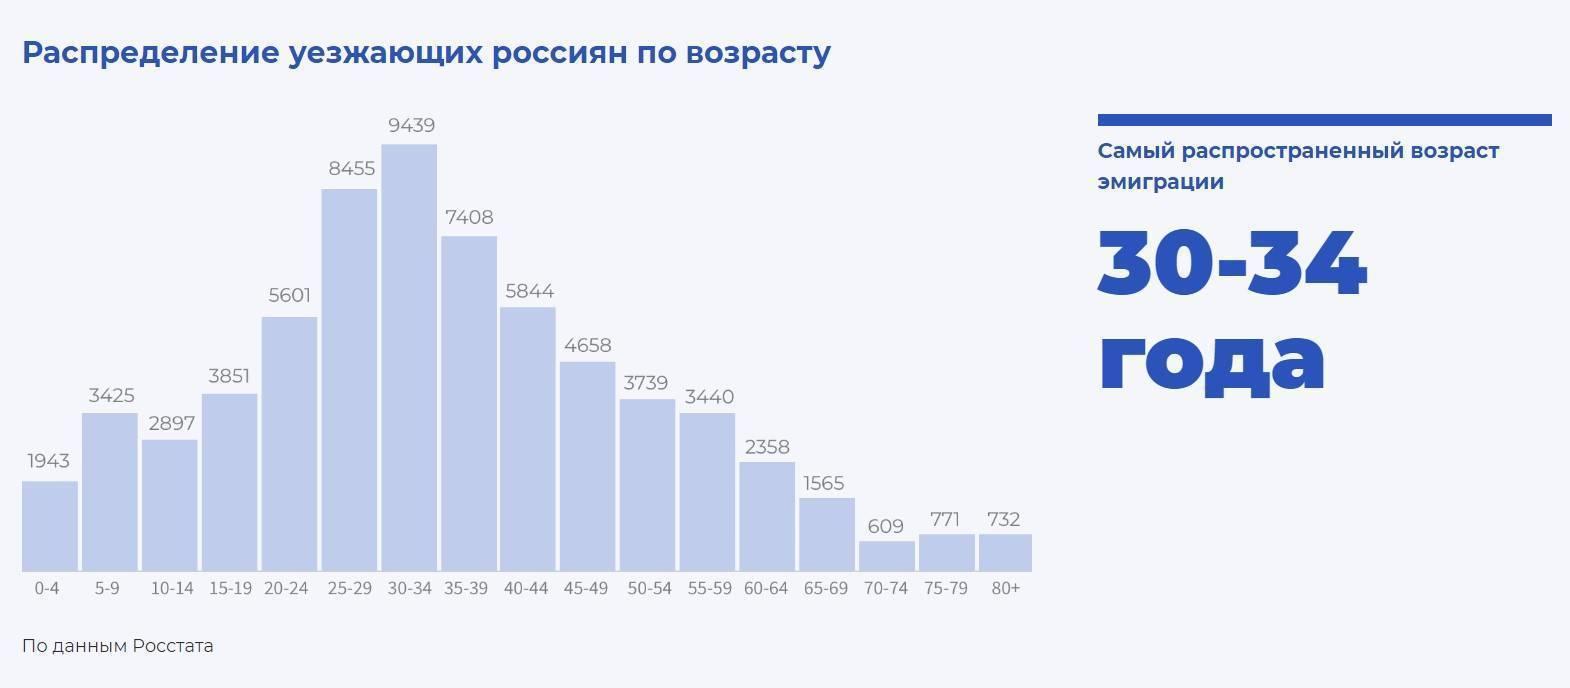 Как получить внж в турции россиянину: основания, необходимые документы